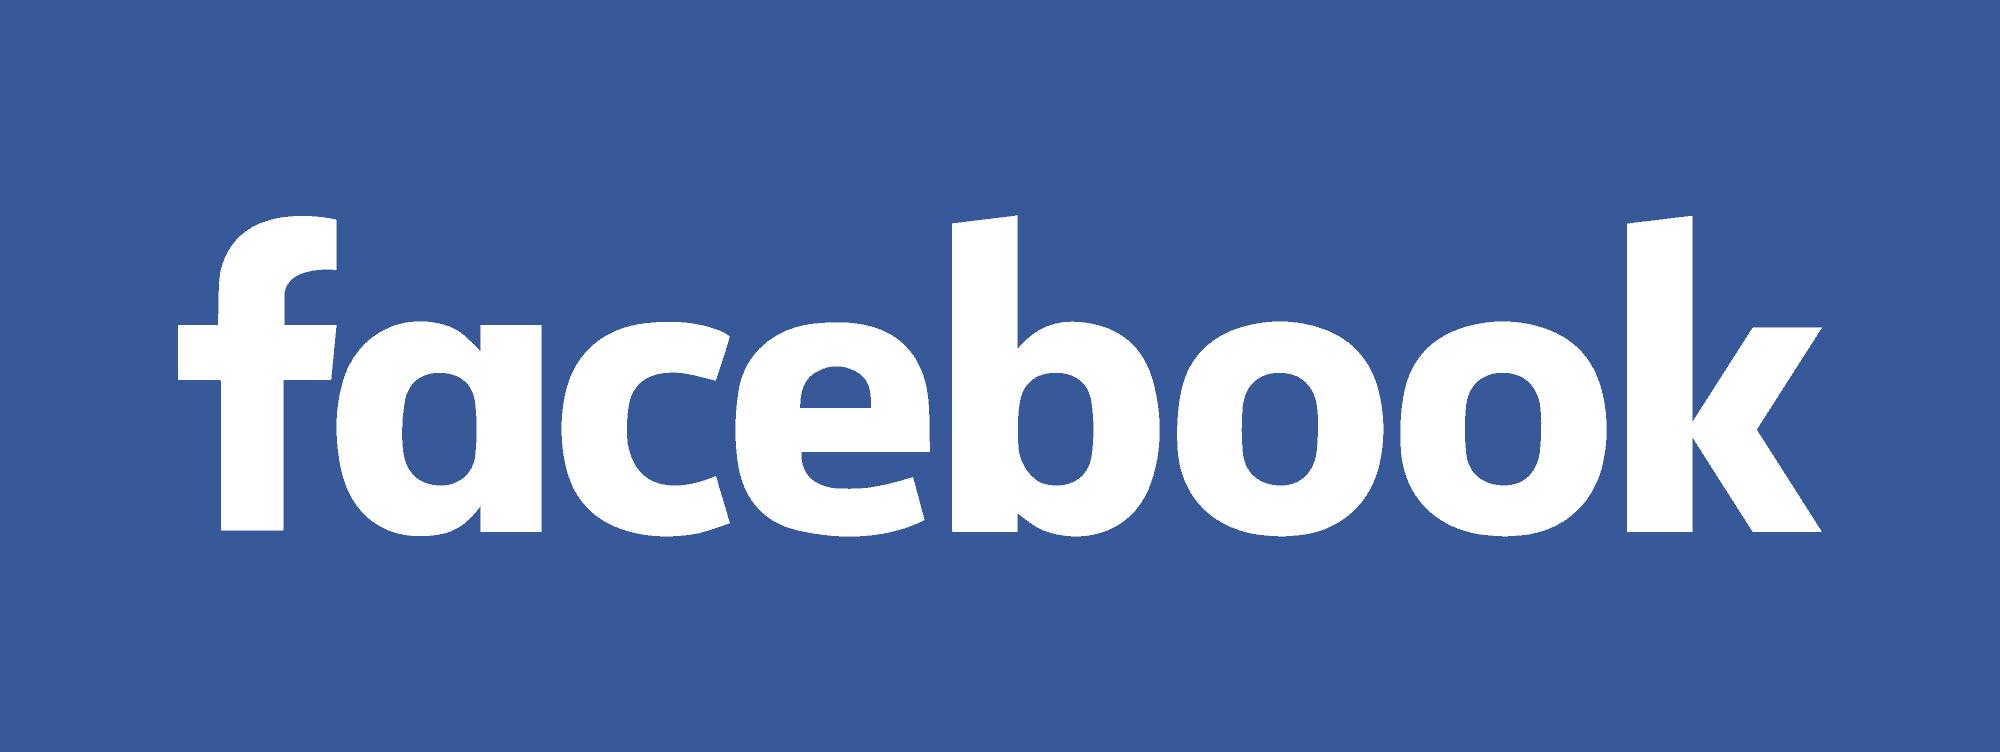 Facebook is een van de grootste platforms waar zeilers online discussiëren en ervaringen en kennis delen.